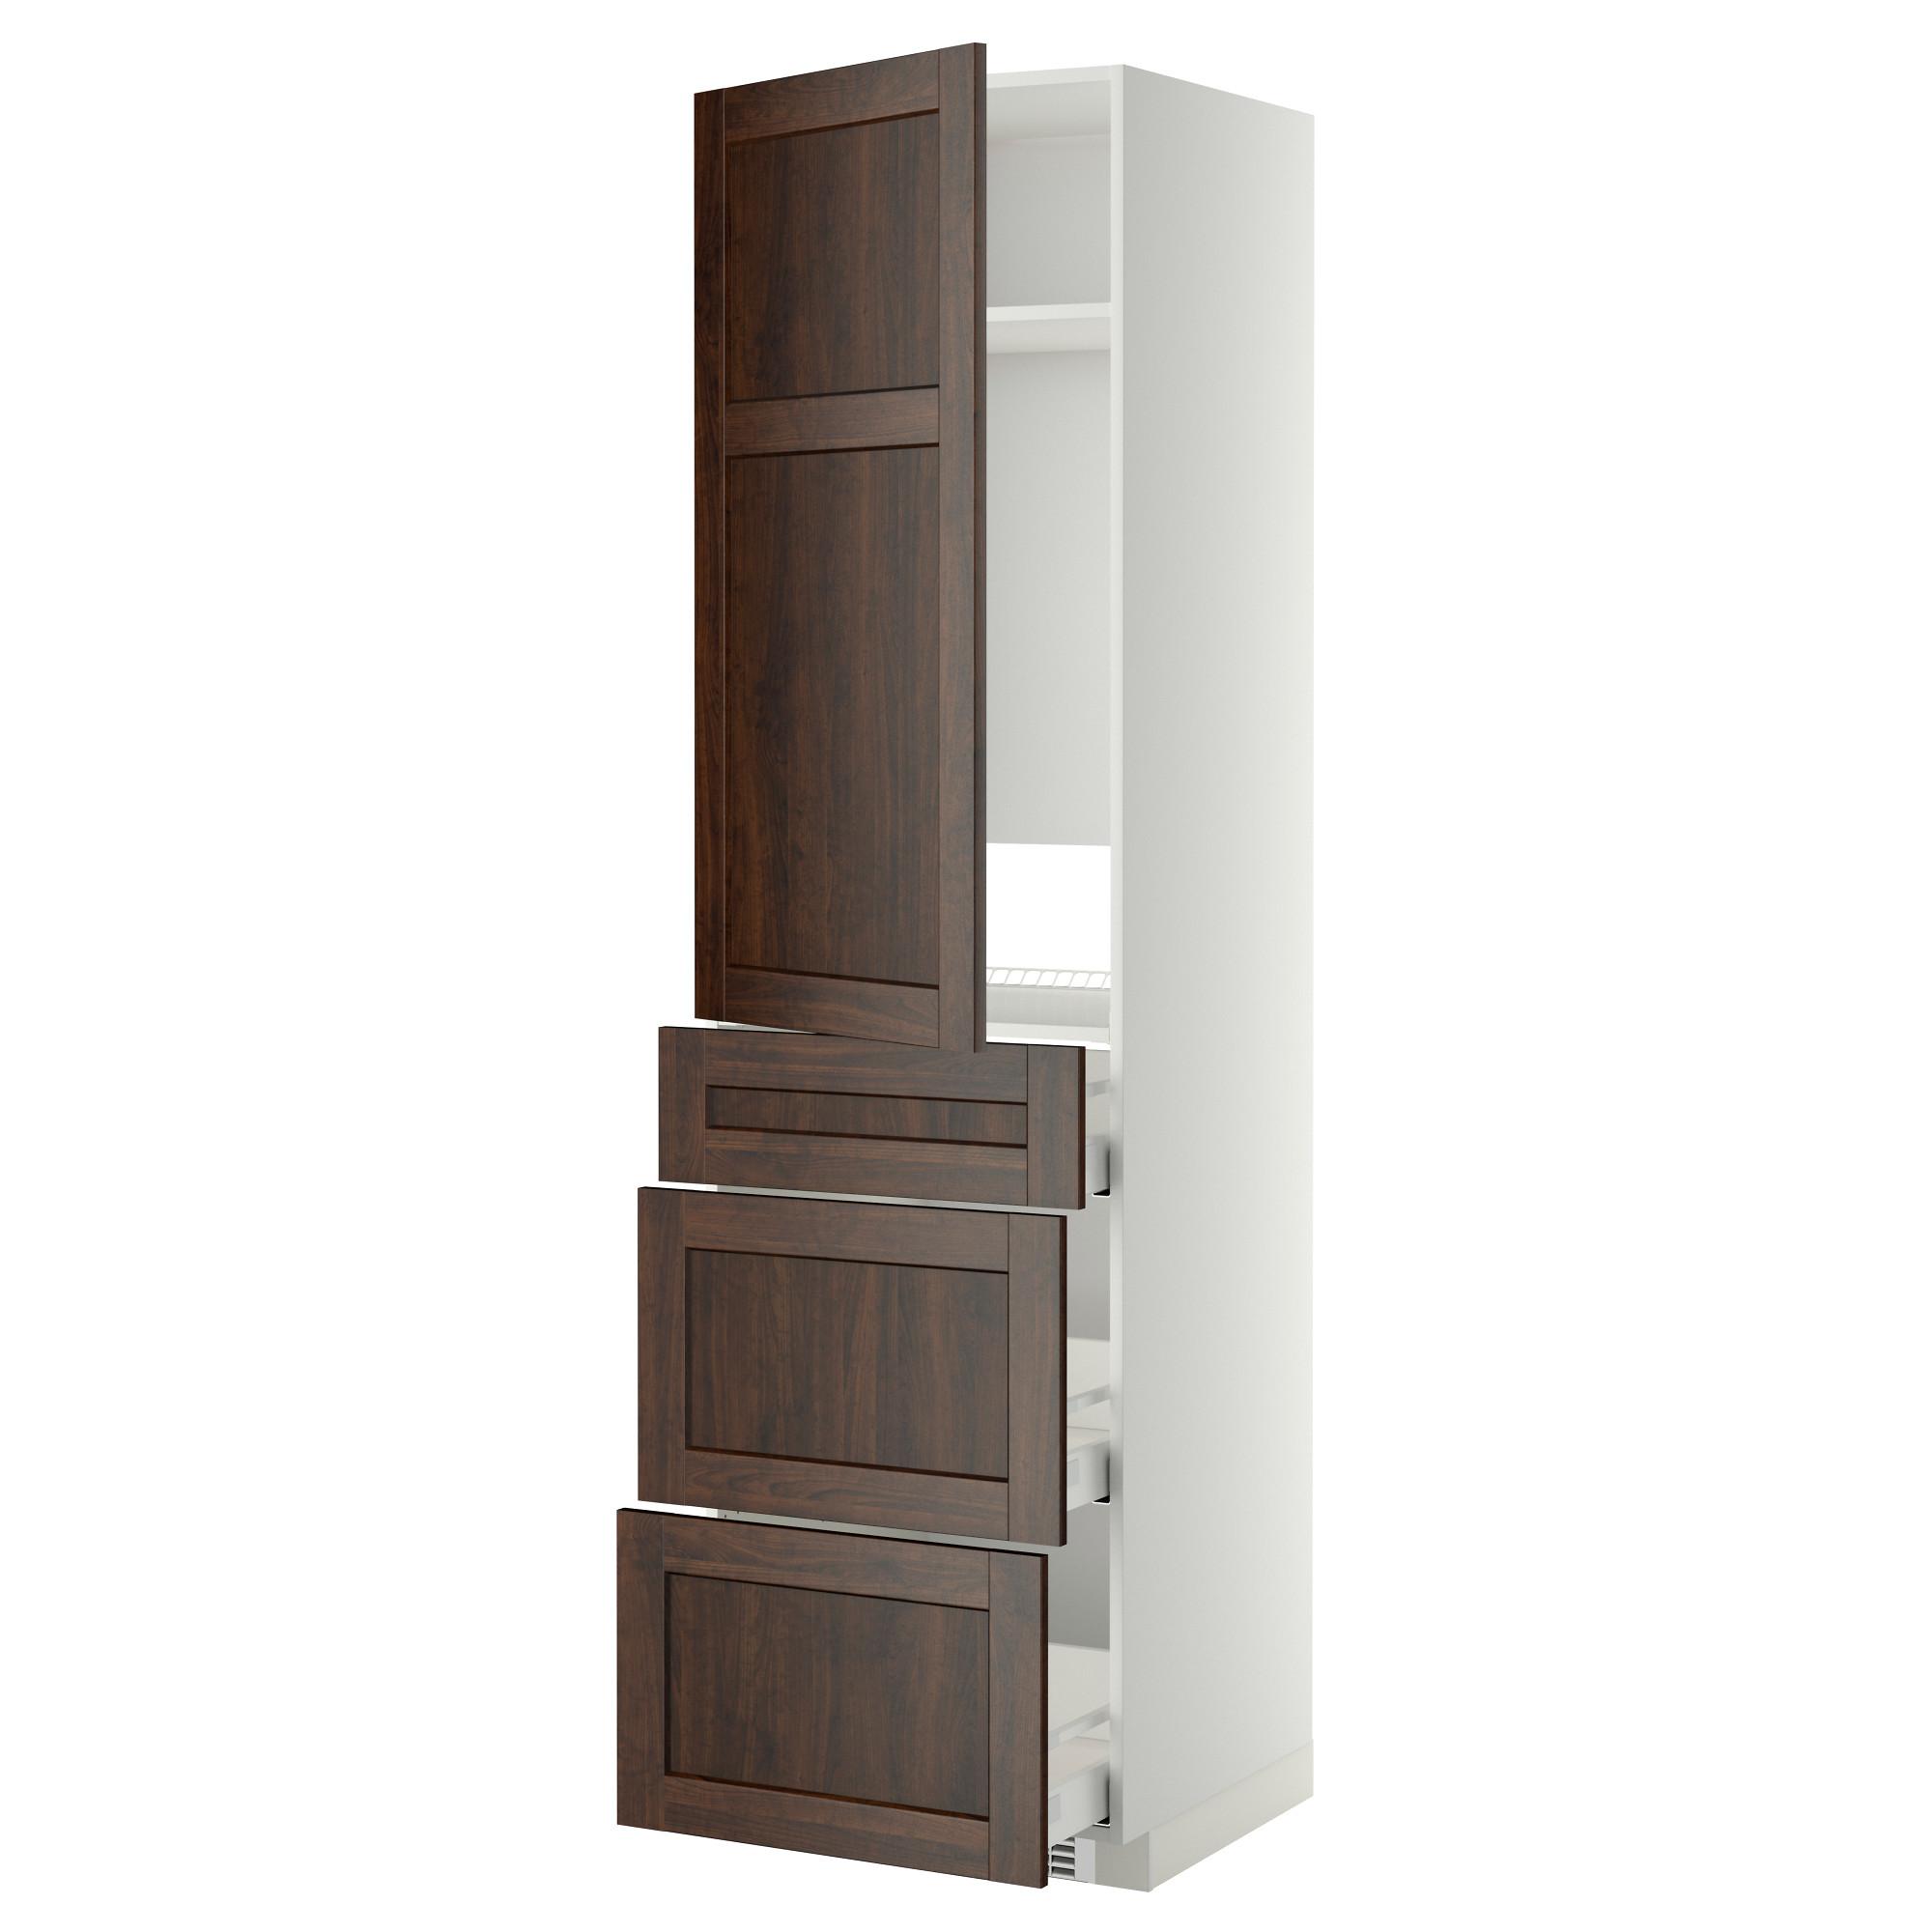 Высокий шкаф для холодильника, с дверцами, 3 ящика МЕТОД / МАКСИМЕРА белый артикуль № 692.378.68 в наличии. Онлайн сайт ИКЕА Республика Беларусь. Быстрая доставка и соборка.